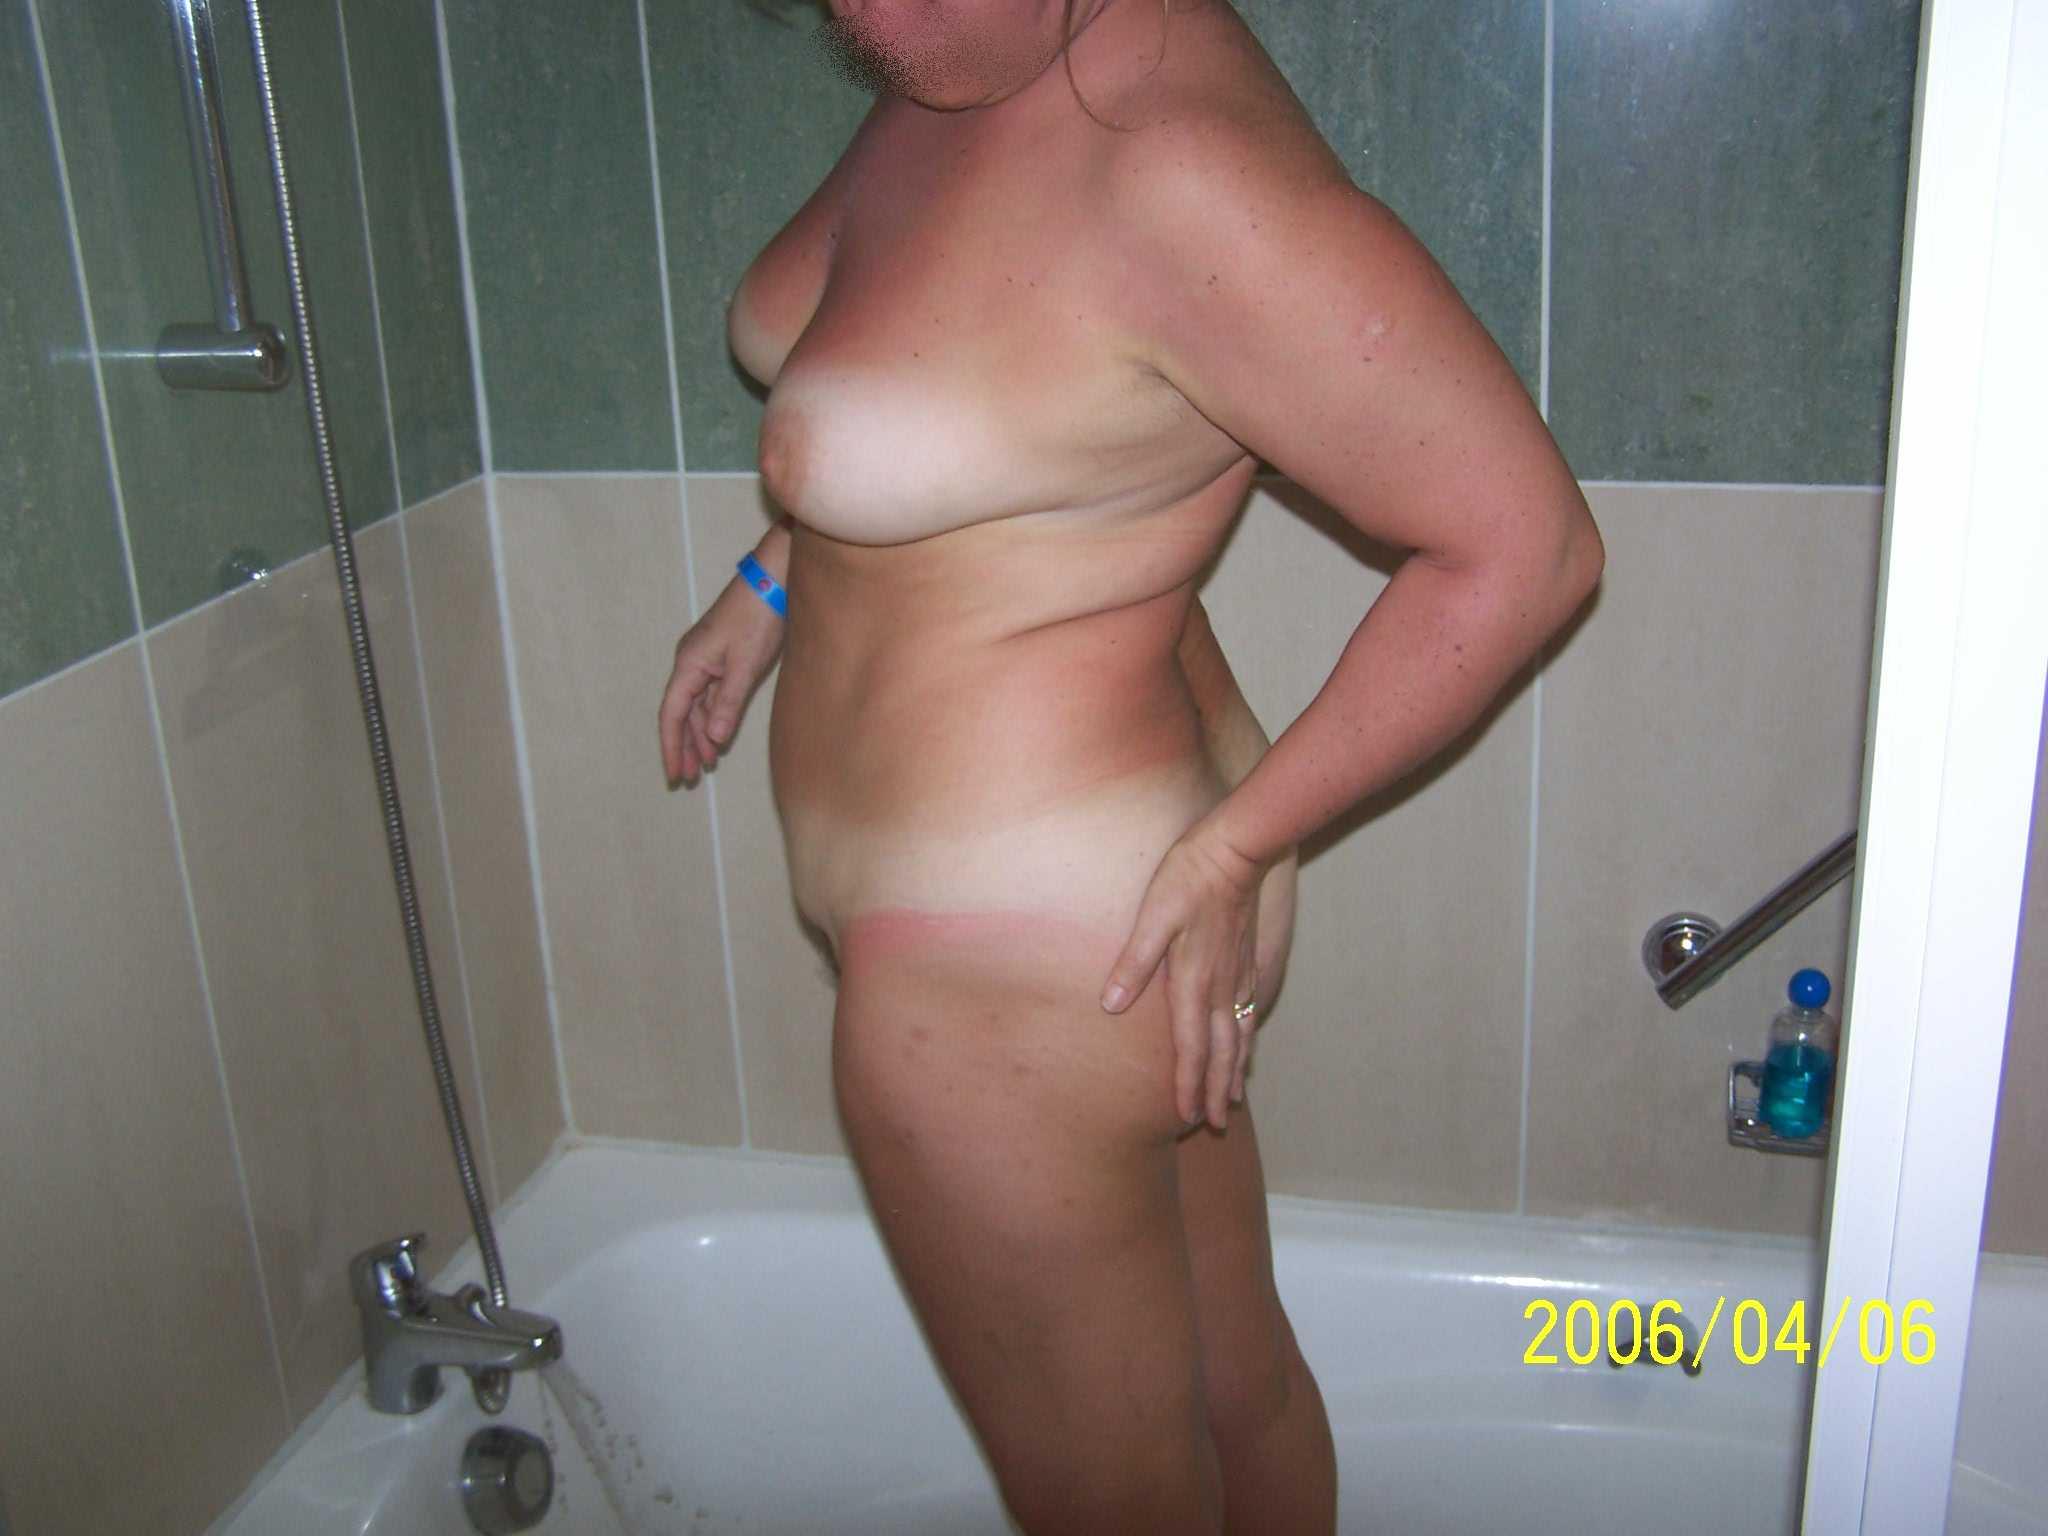 Сайты любителей подглядывать за голыми женщинами в душевых и банях 1 фотография